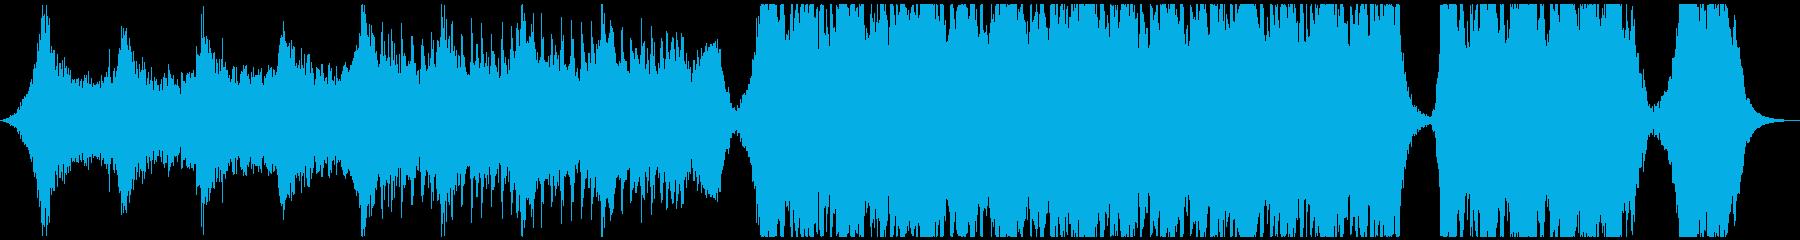 【予告編】映画・トレーラー イントロ無しの再生済みの波形